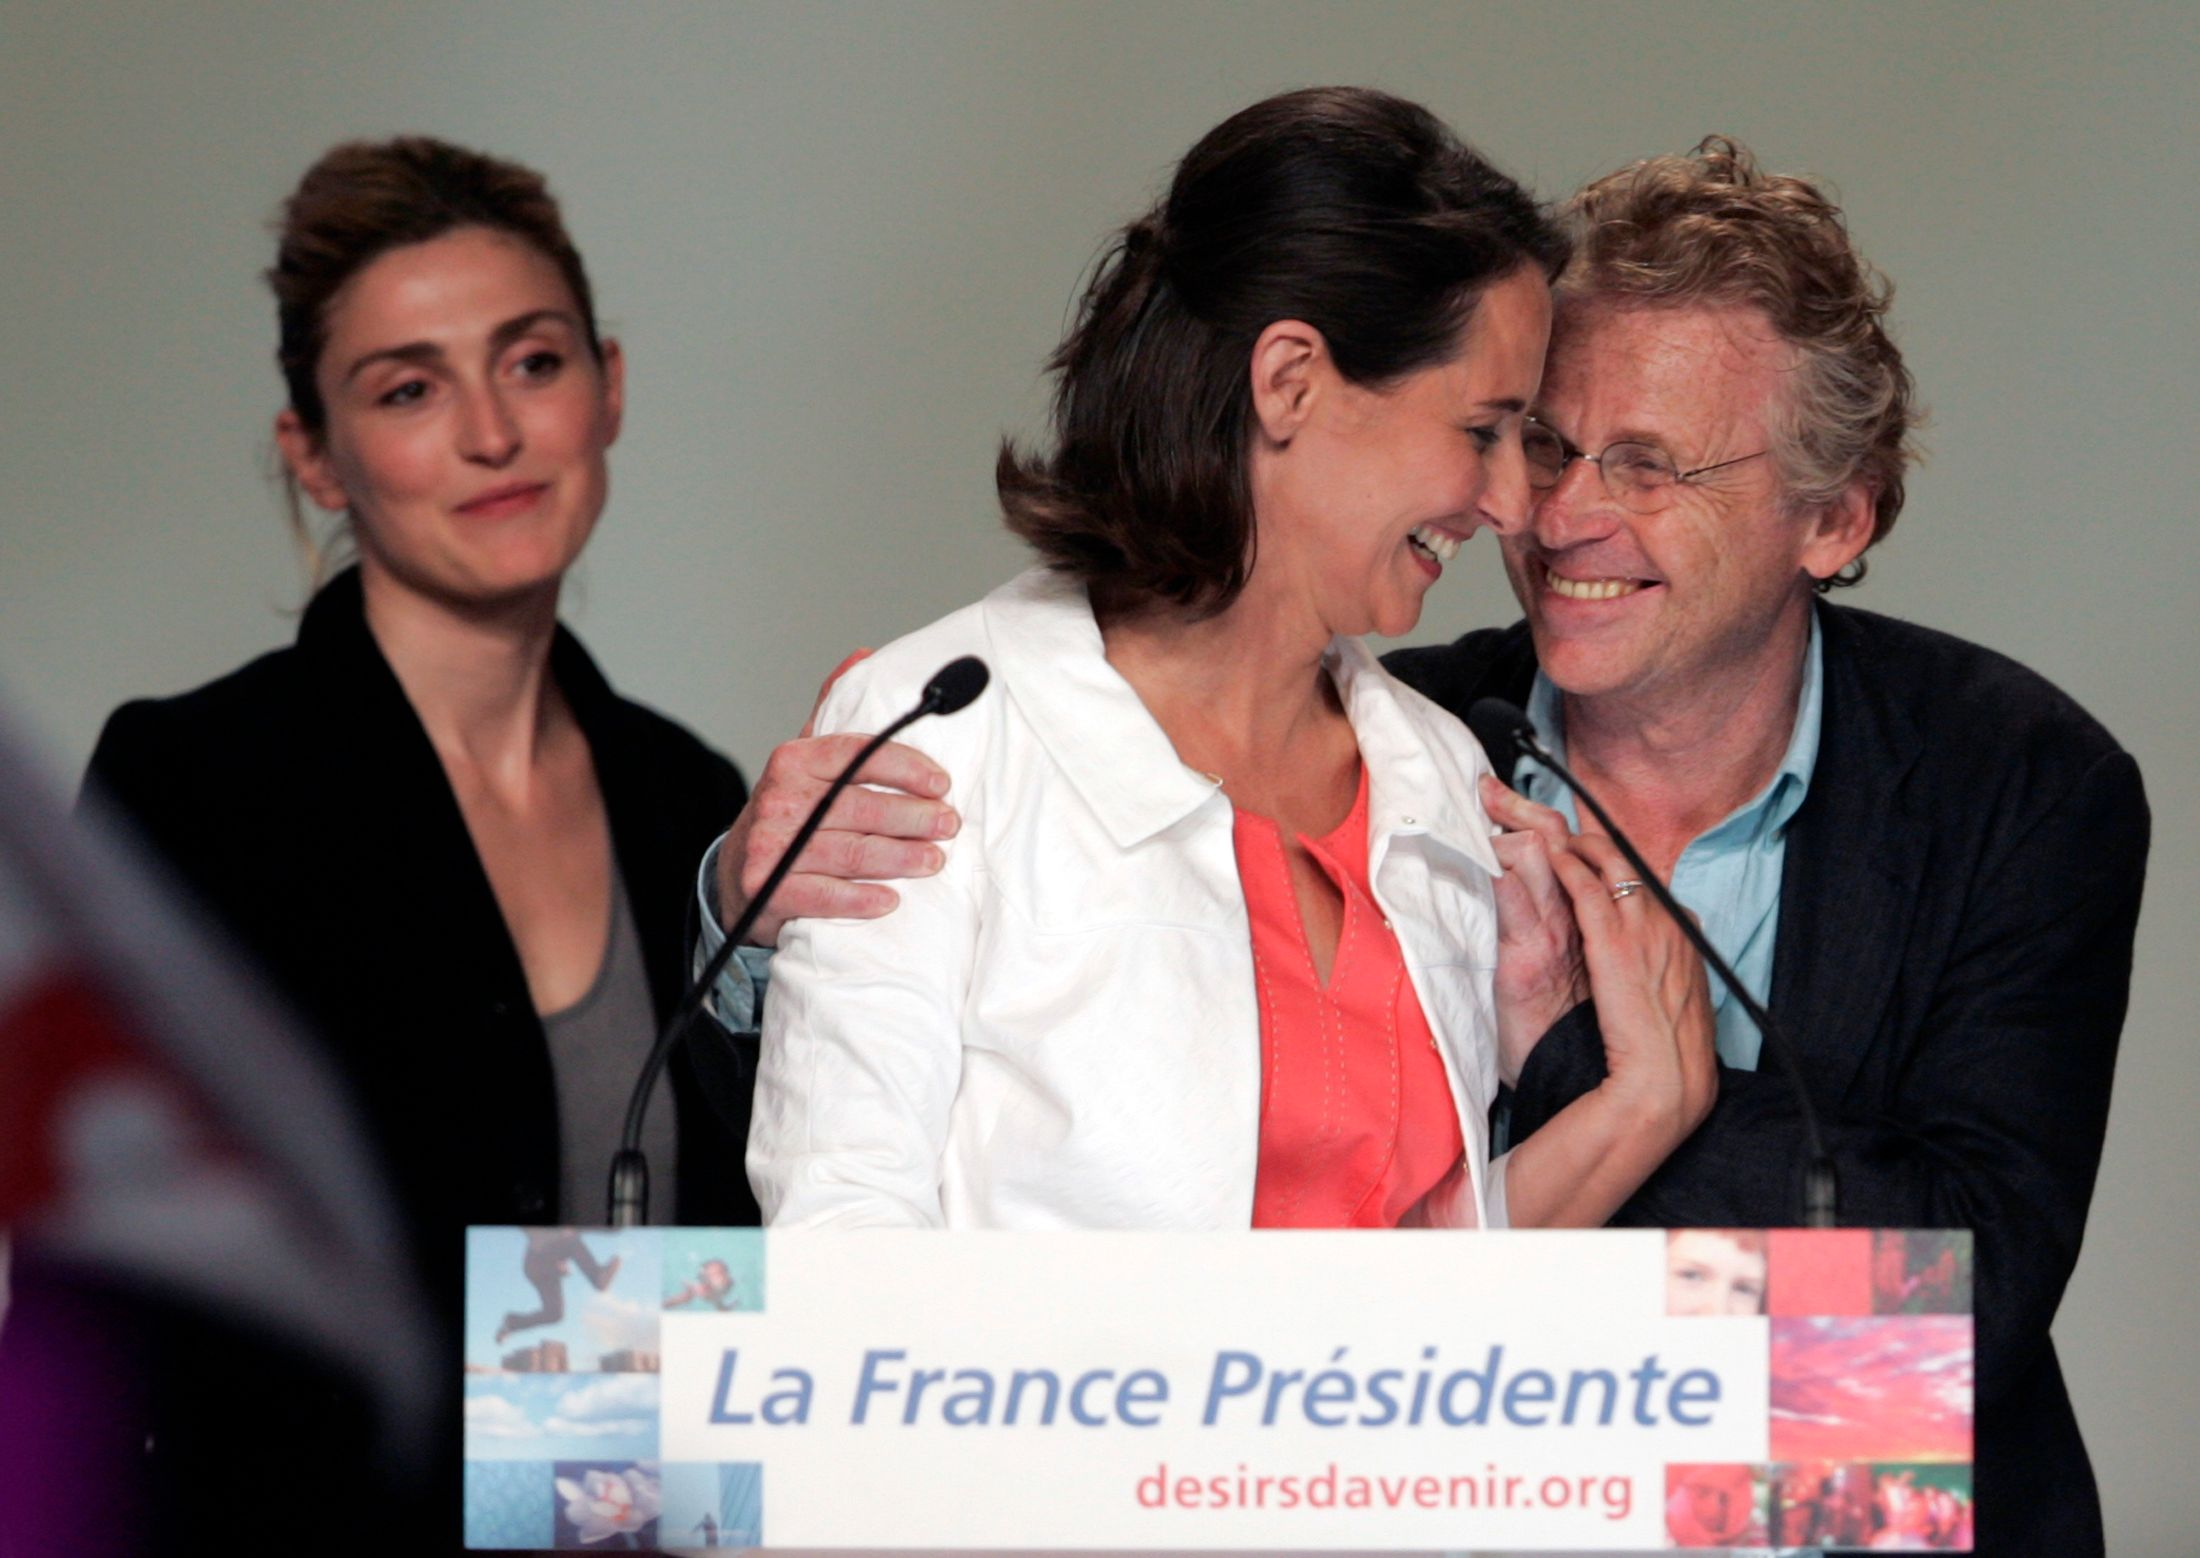 Rumeurs Julie Gayet-François Hollande : l'appartement serait lié au banditisme corse